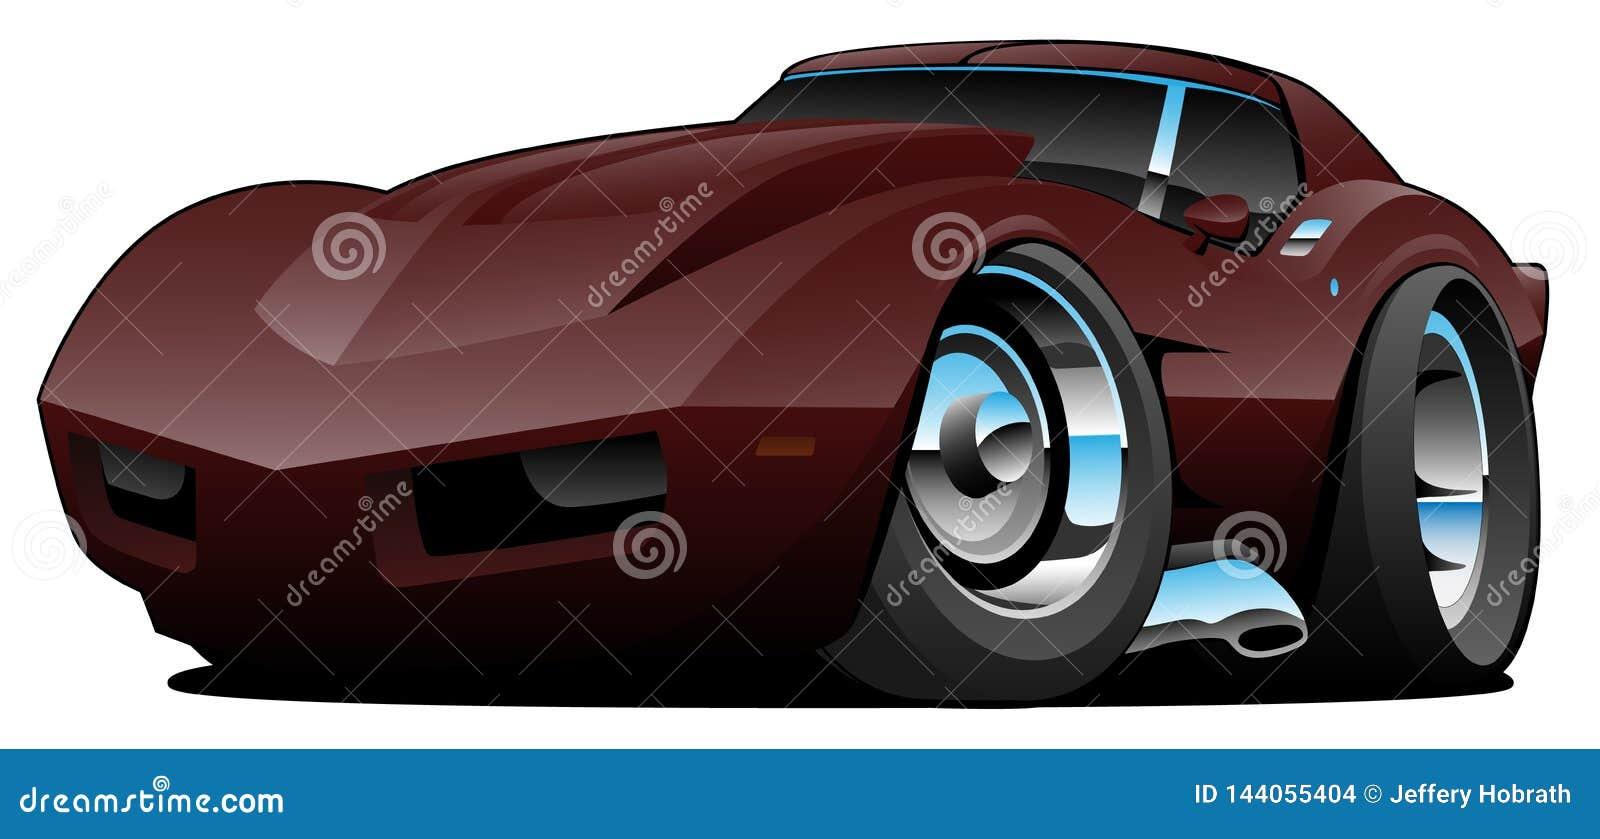 Ejemplo aislado historieta americana clásica del vector del coche de deportes de los años 70